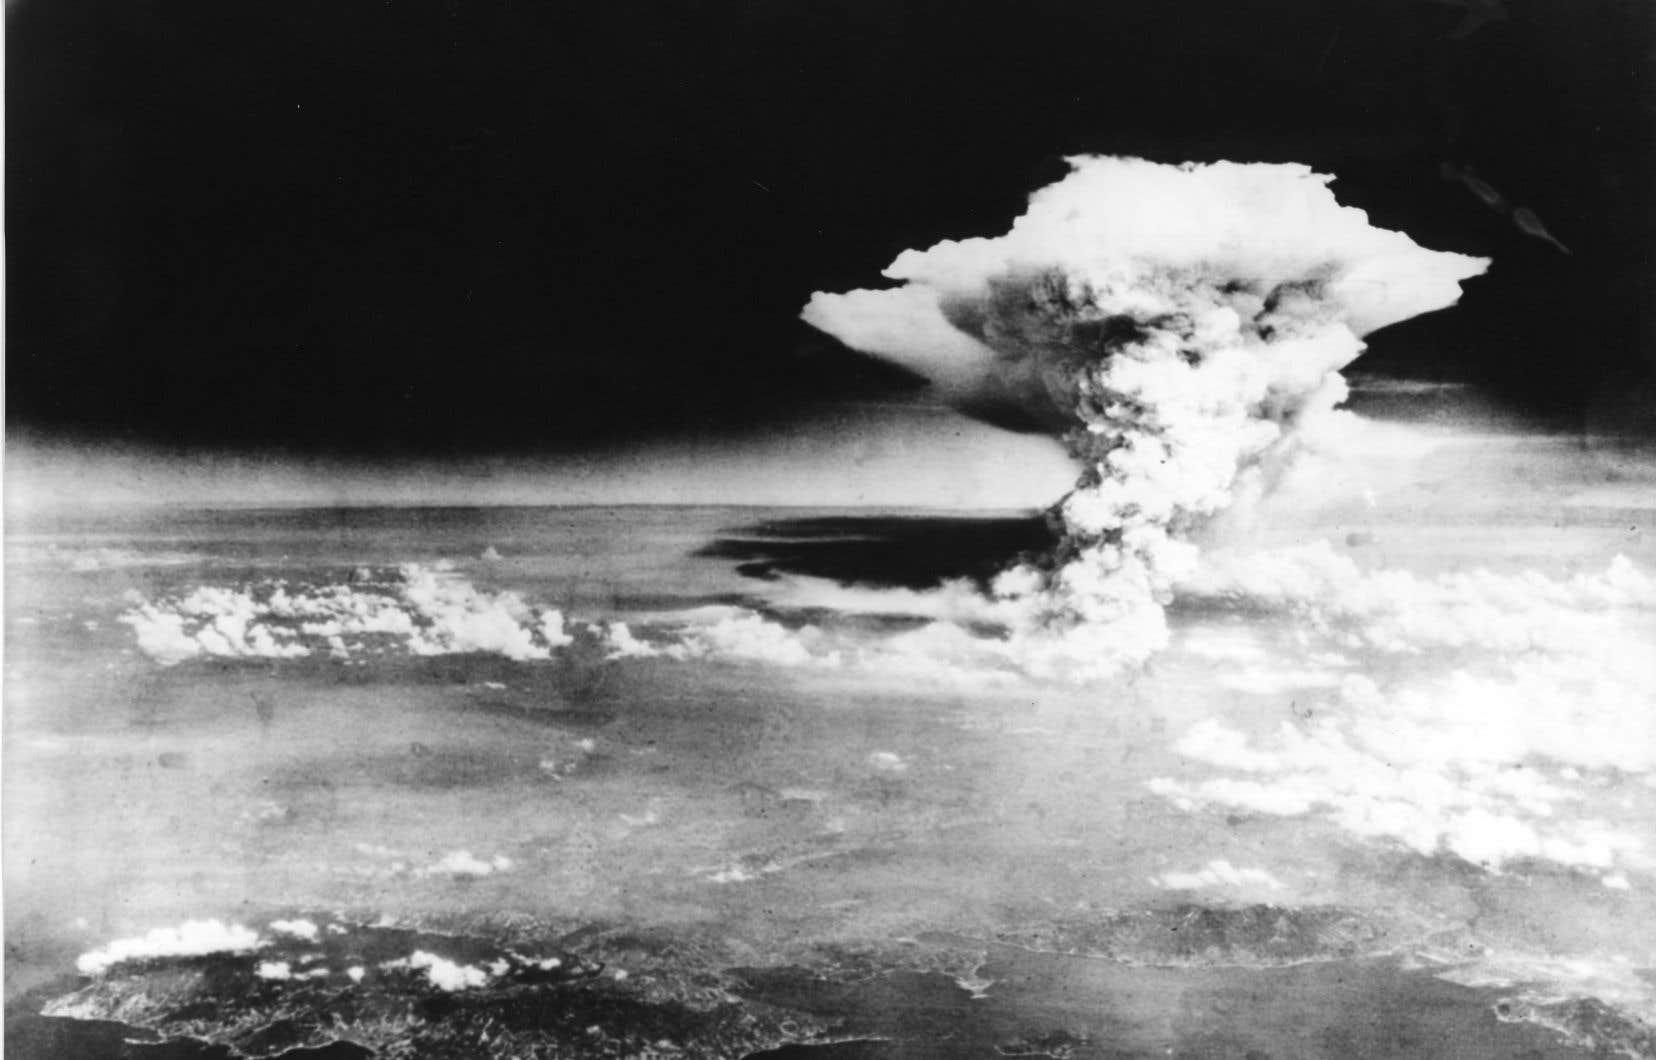 Le jour de l'explosion de la bombe atomique à Hiroshima, «la grande majorité des employés» n'avaient encore qu'une idée vague du but réel des recherches qu'ils réalisaient